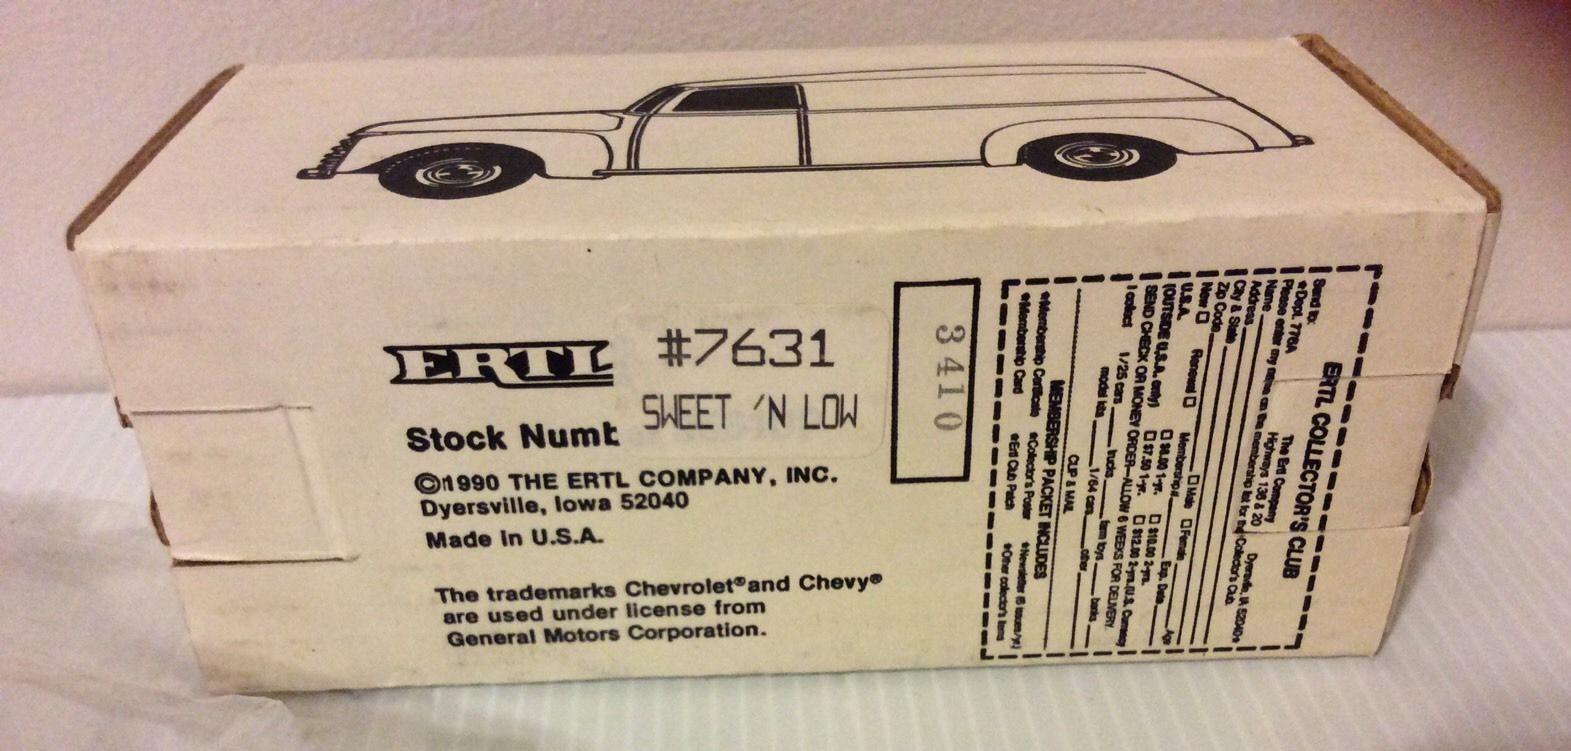 ERTL Sweet N Low 1950 Chevy Panel Bank With Key Die Cast Metal 1/25 Scale Pink